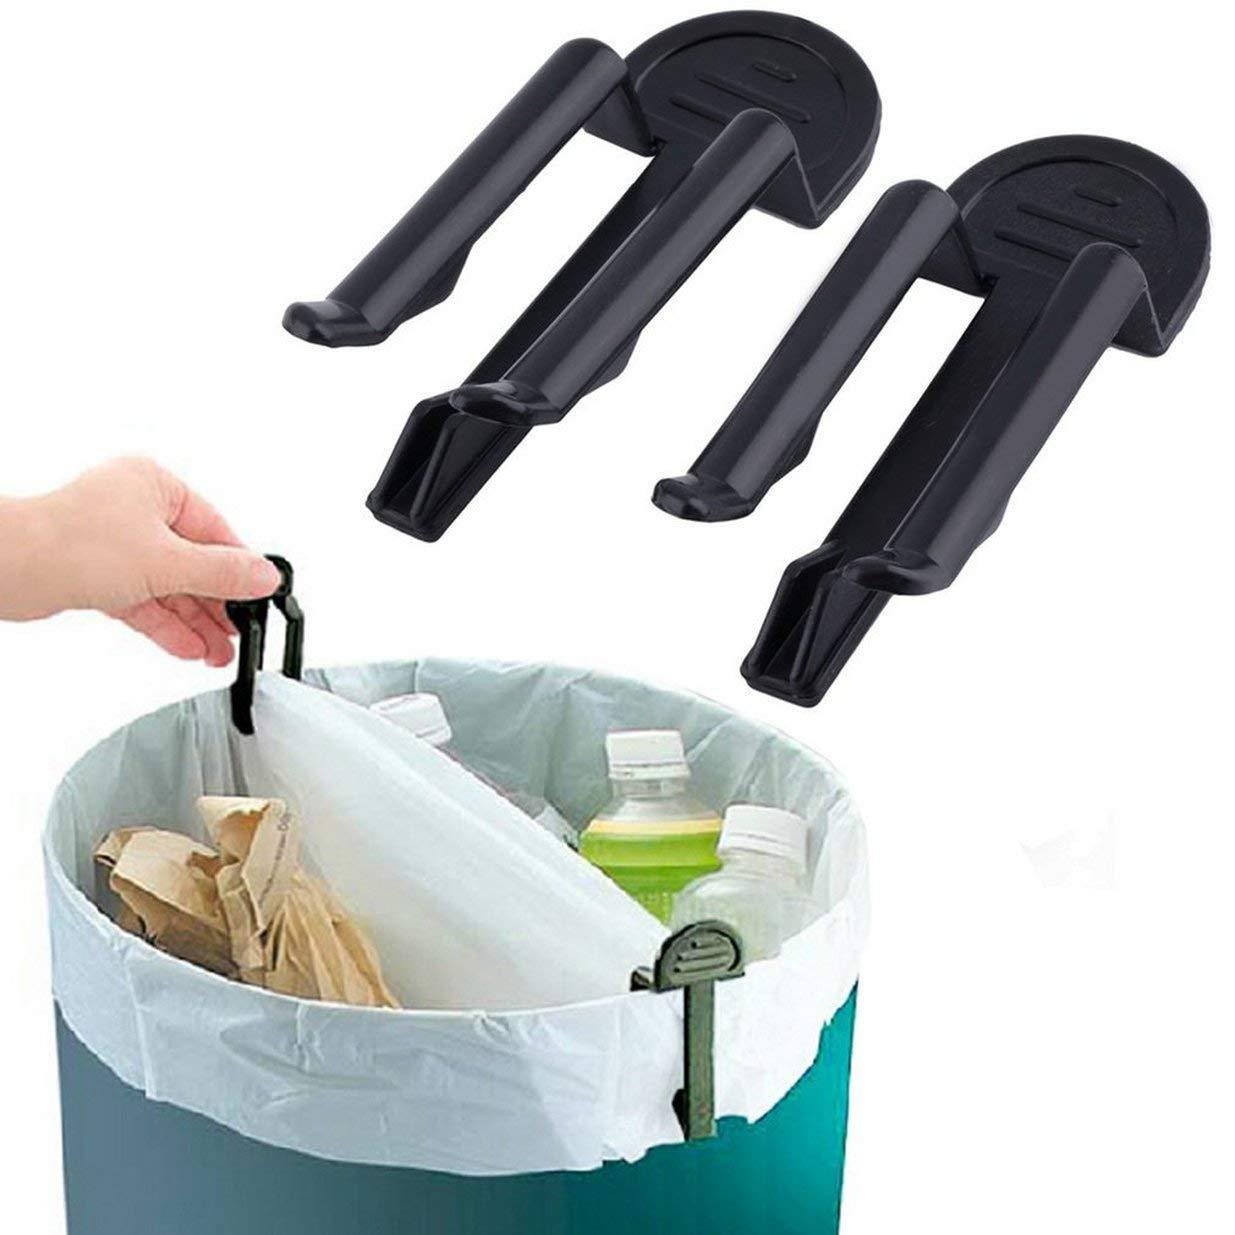 Sairis Pratica pattumiera con Morsetto Clip per Sacchetti di immondizia in plastica Portarifiuti Fisso Porta rifiuti 2 Pezzi//Set